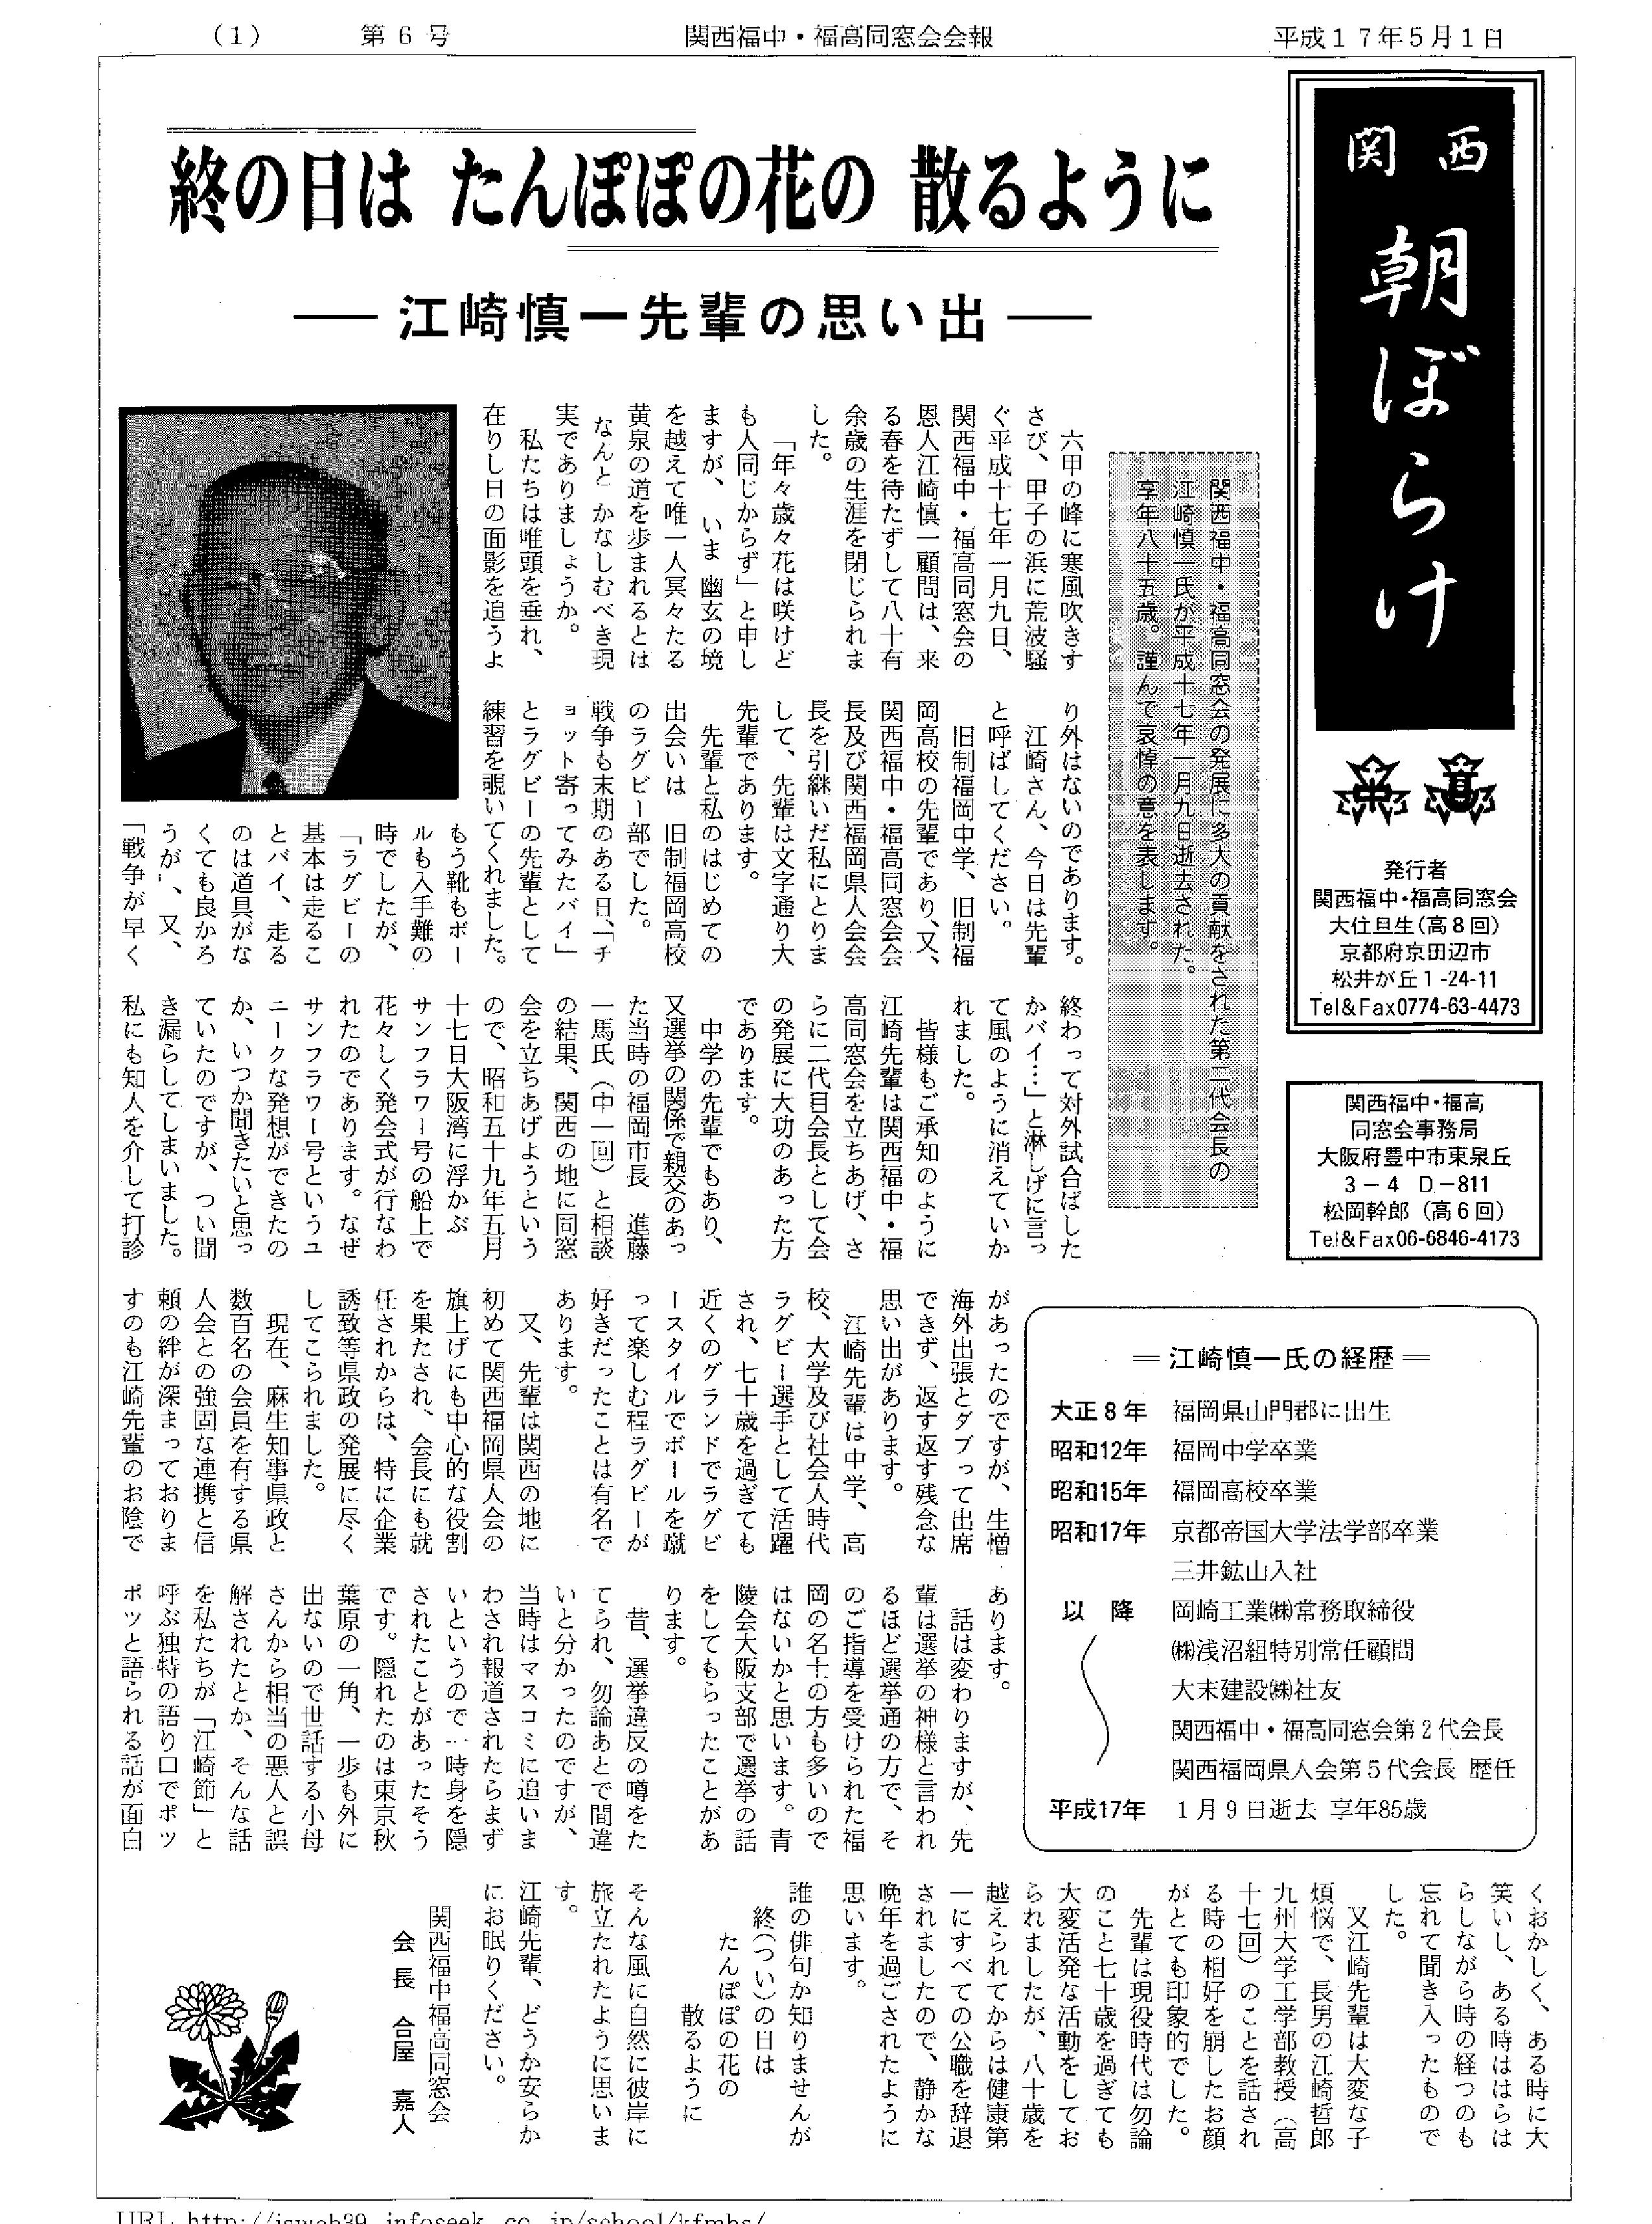 asa06_20050501_000001